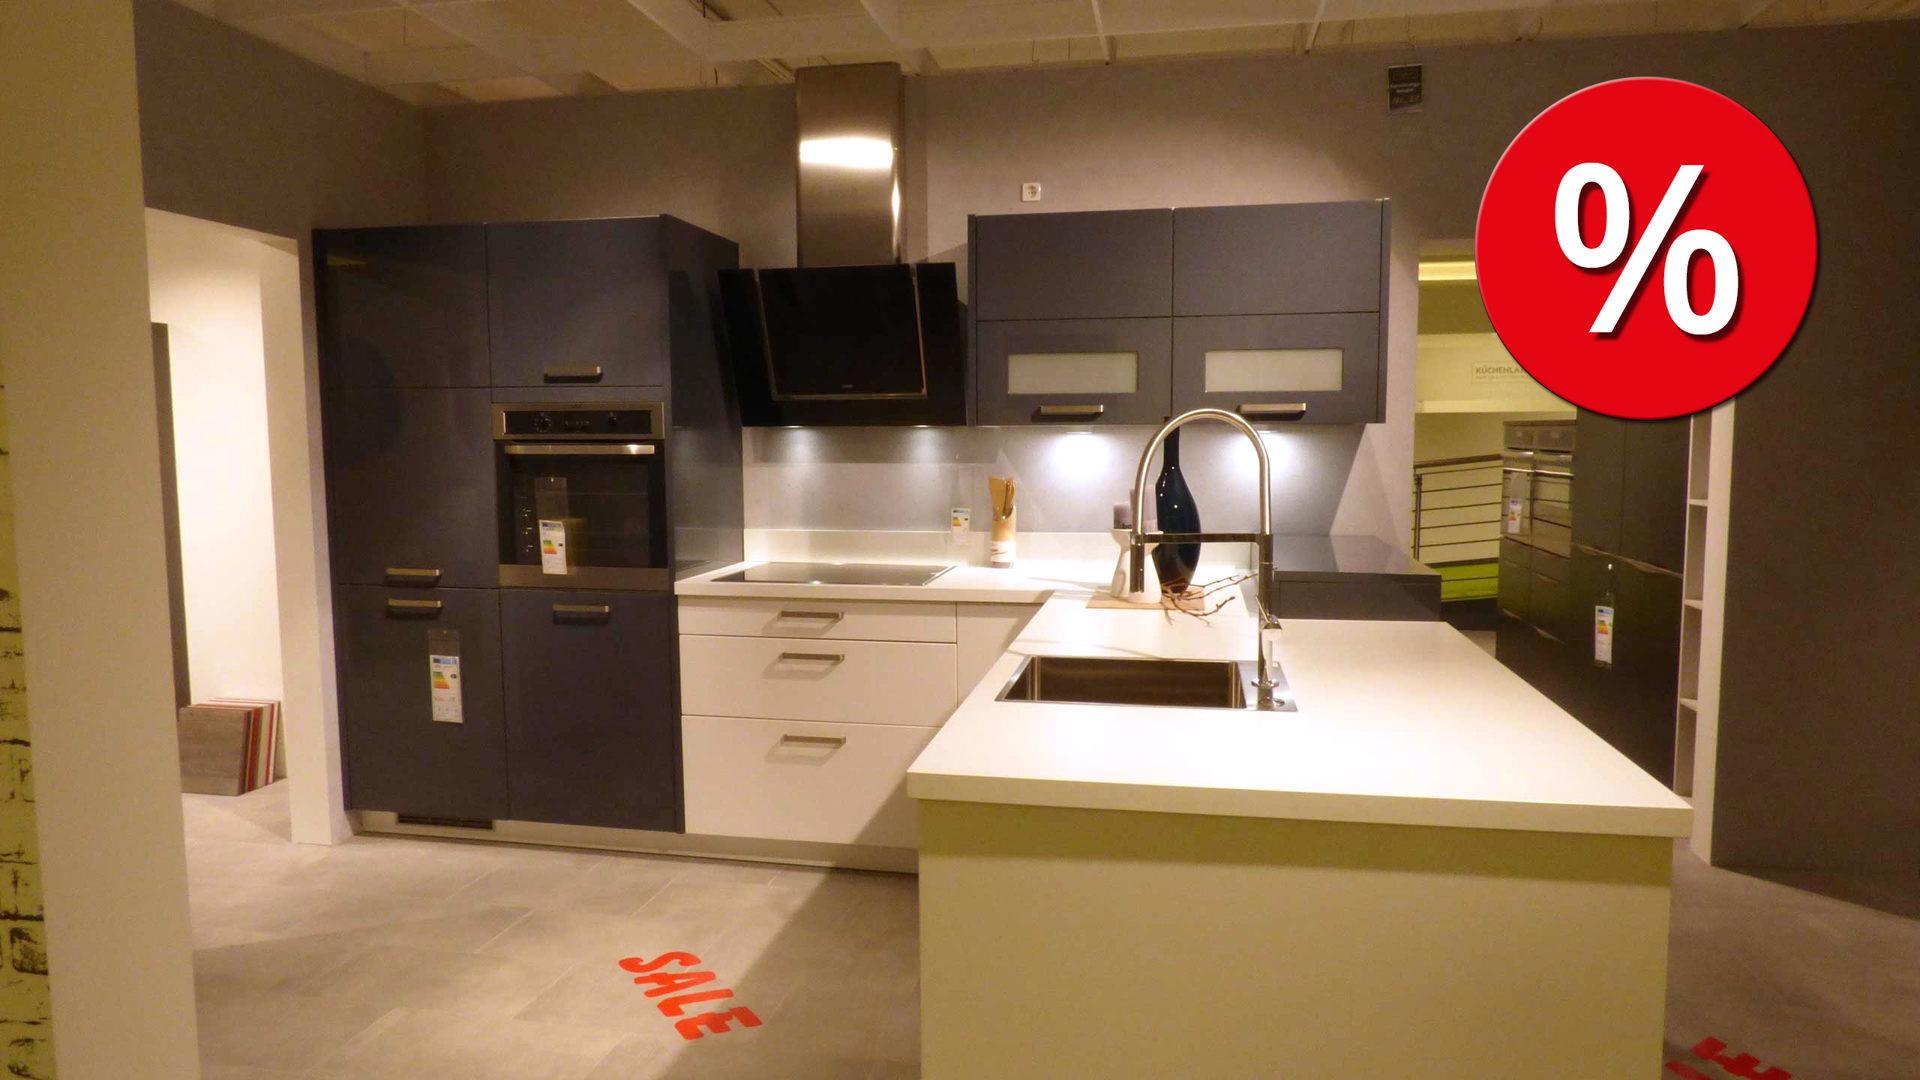 Großartig Küche Bad Designer Gehaltsrechner Bilder - Ideen Für Die ...